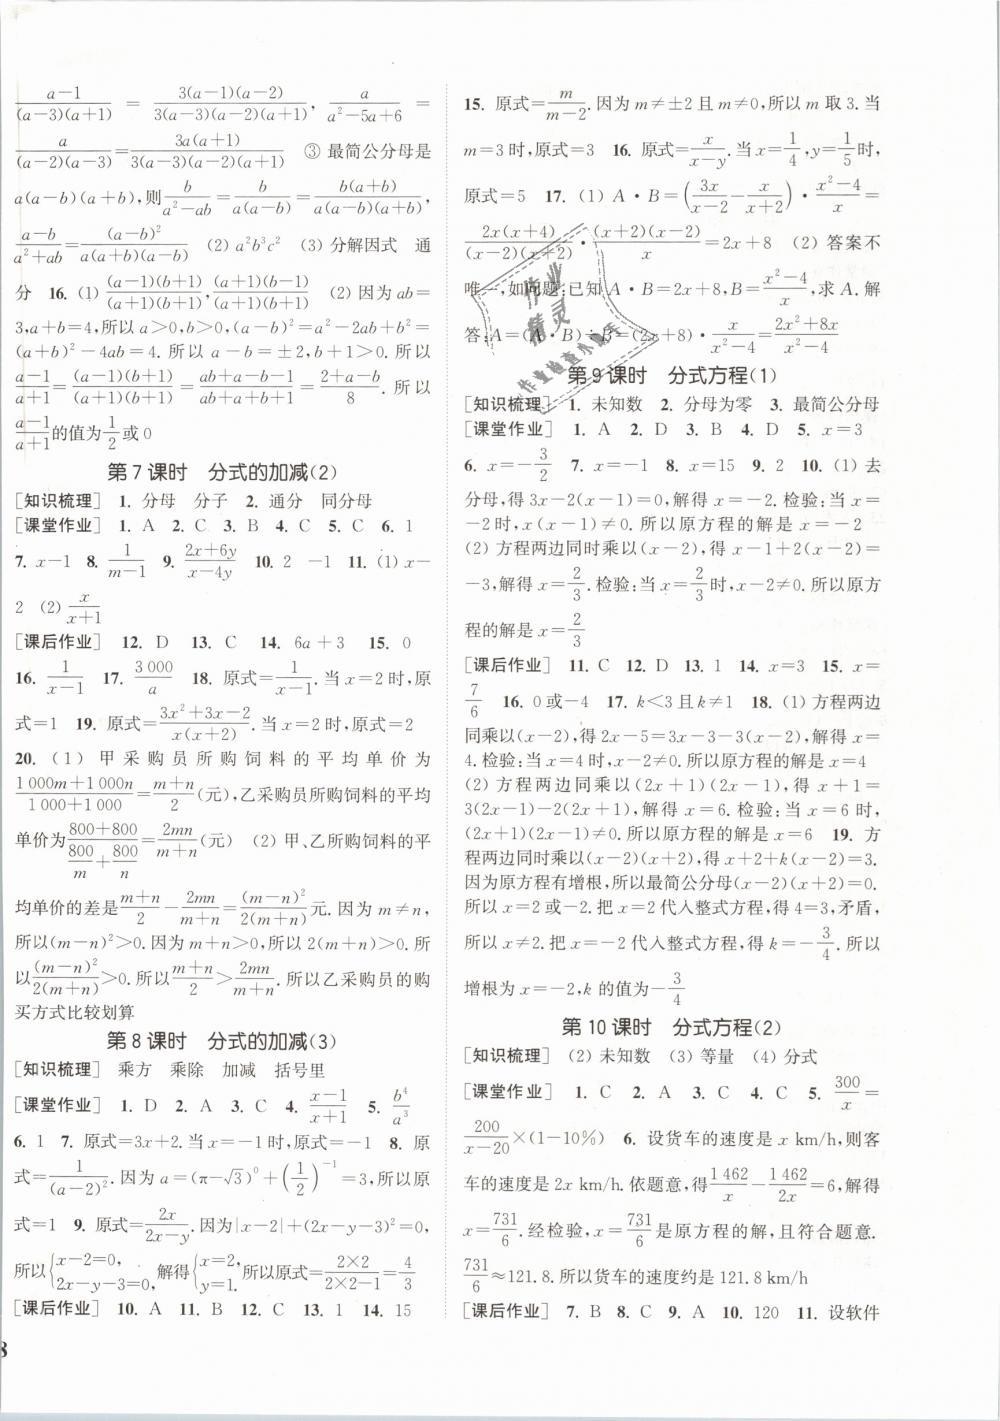 2019年通城学典课时作业本七年级数学下册沪科版第12页